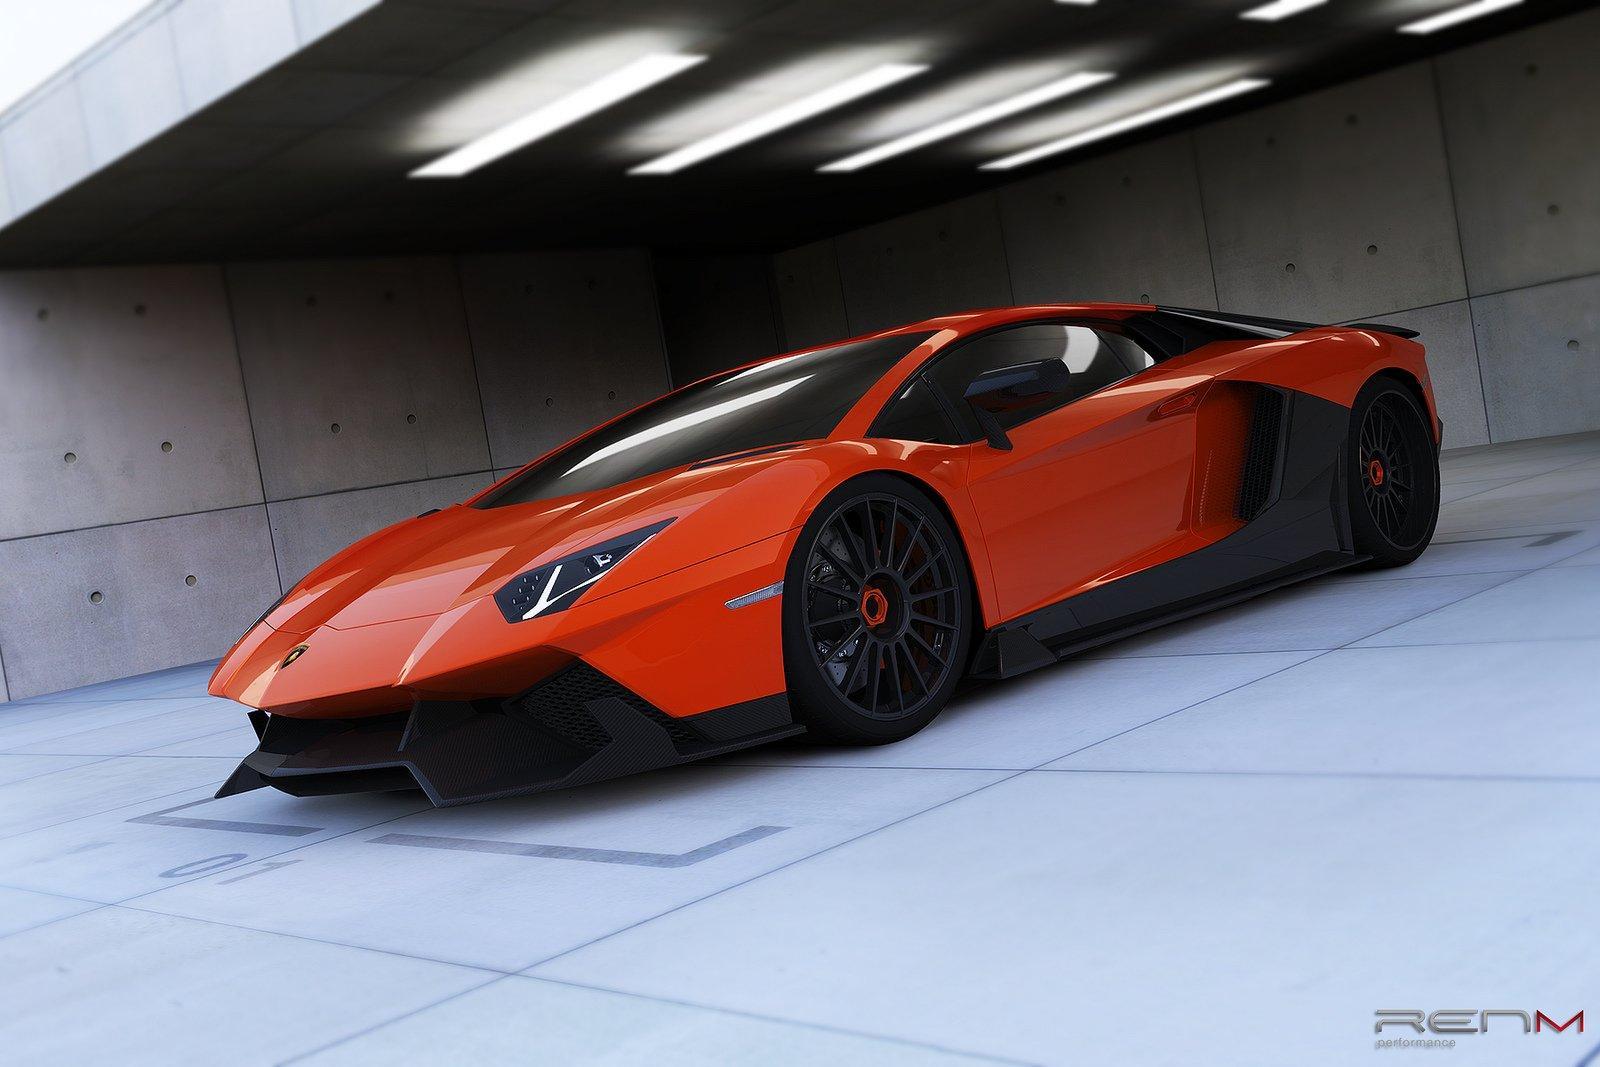 Lamborghini Aventador Limited Edition Corsa